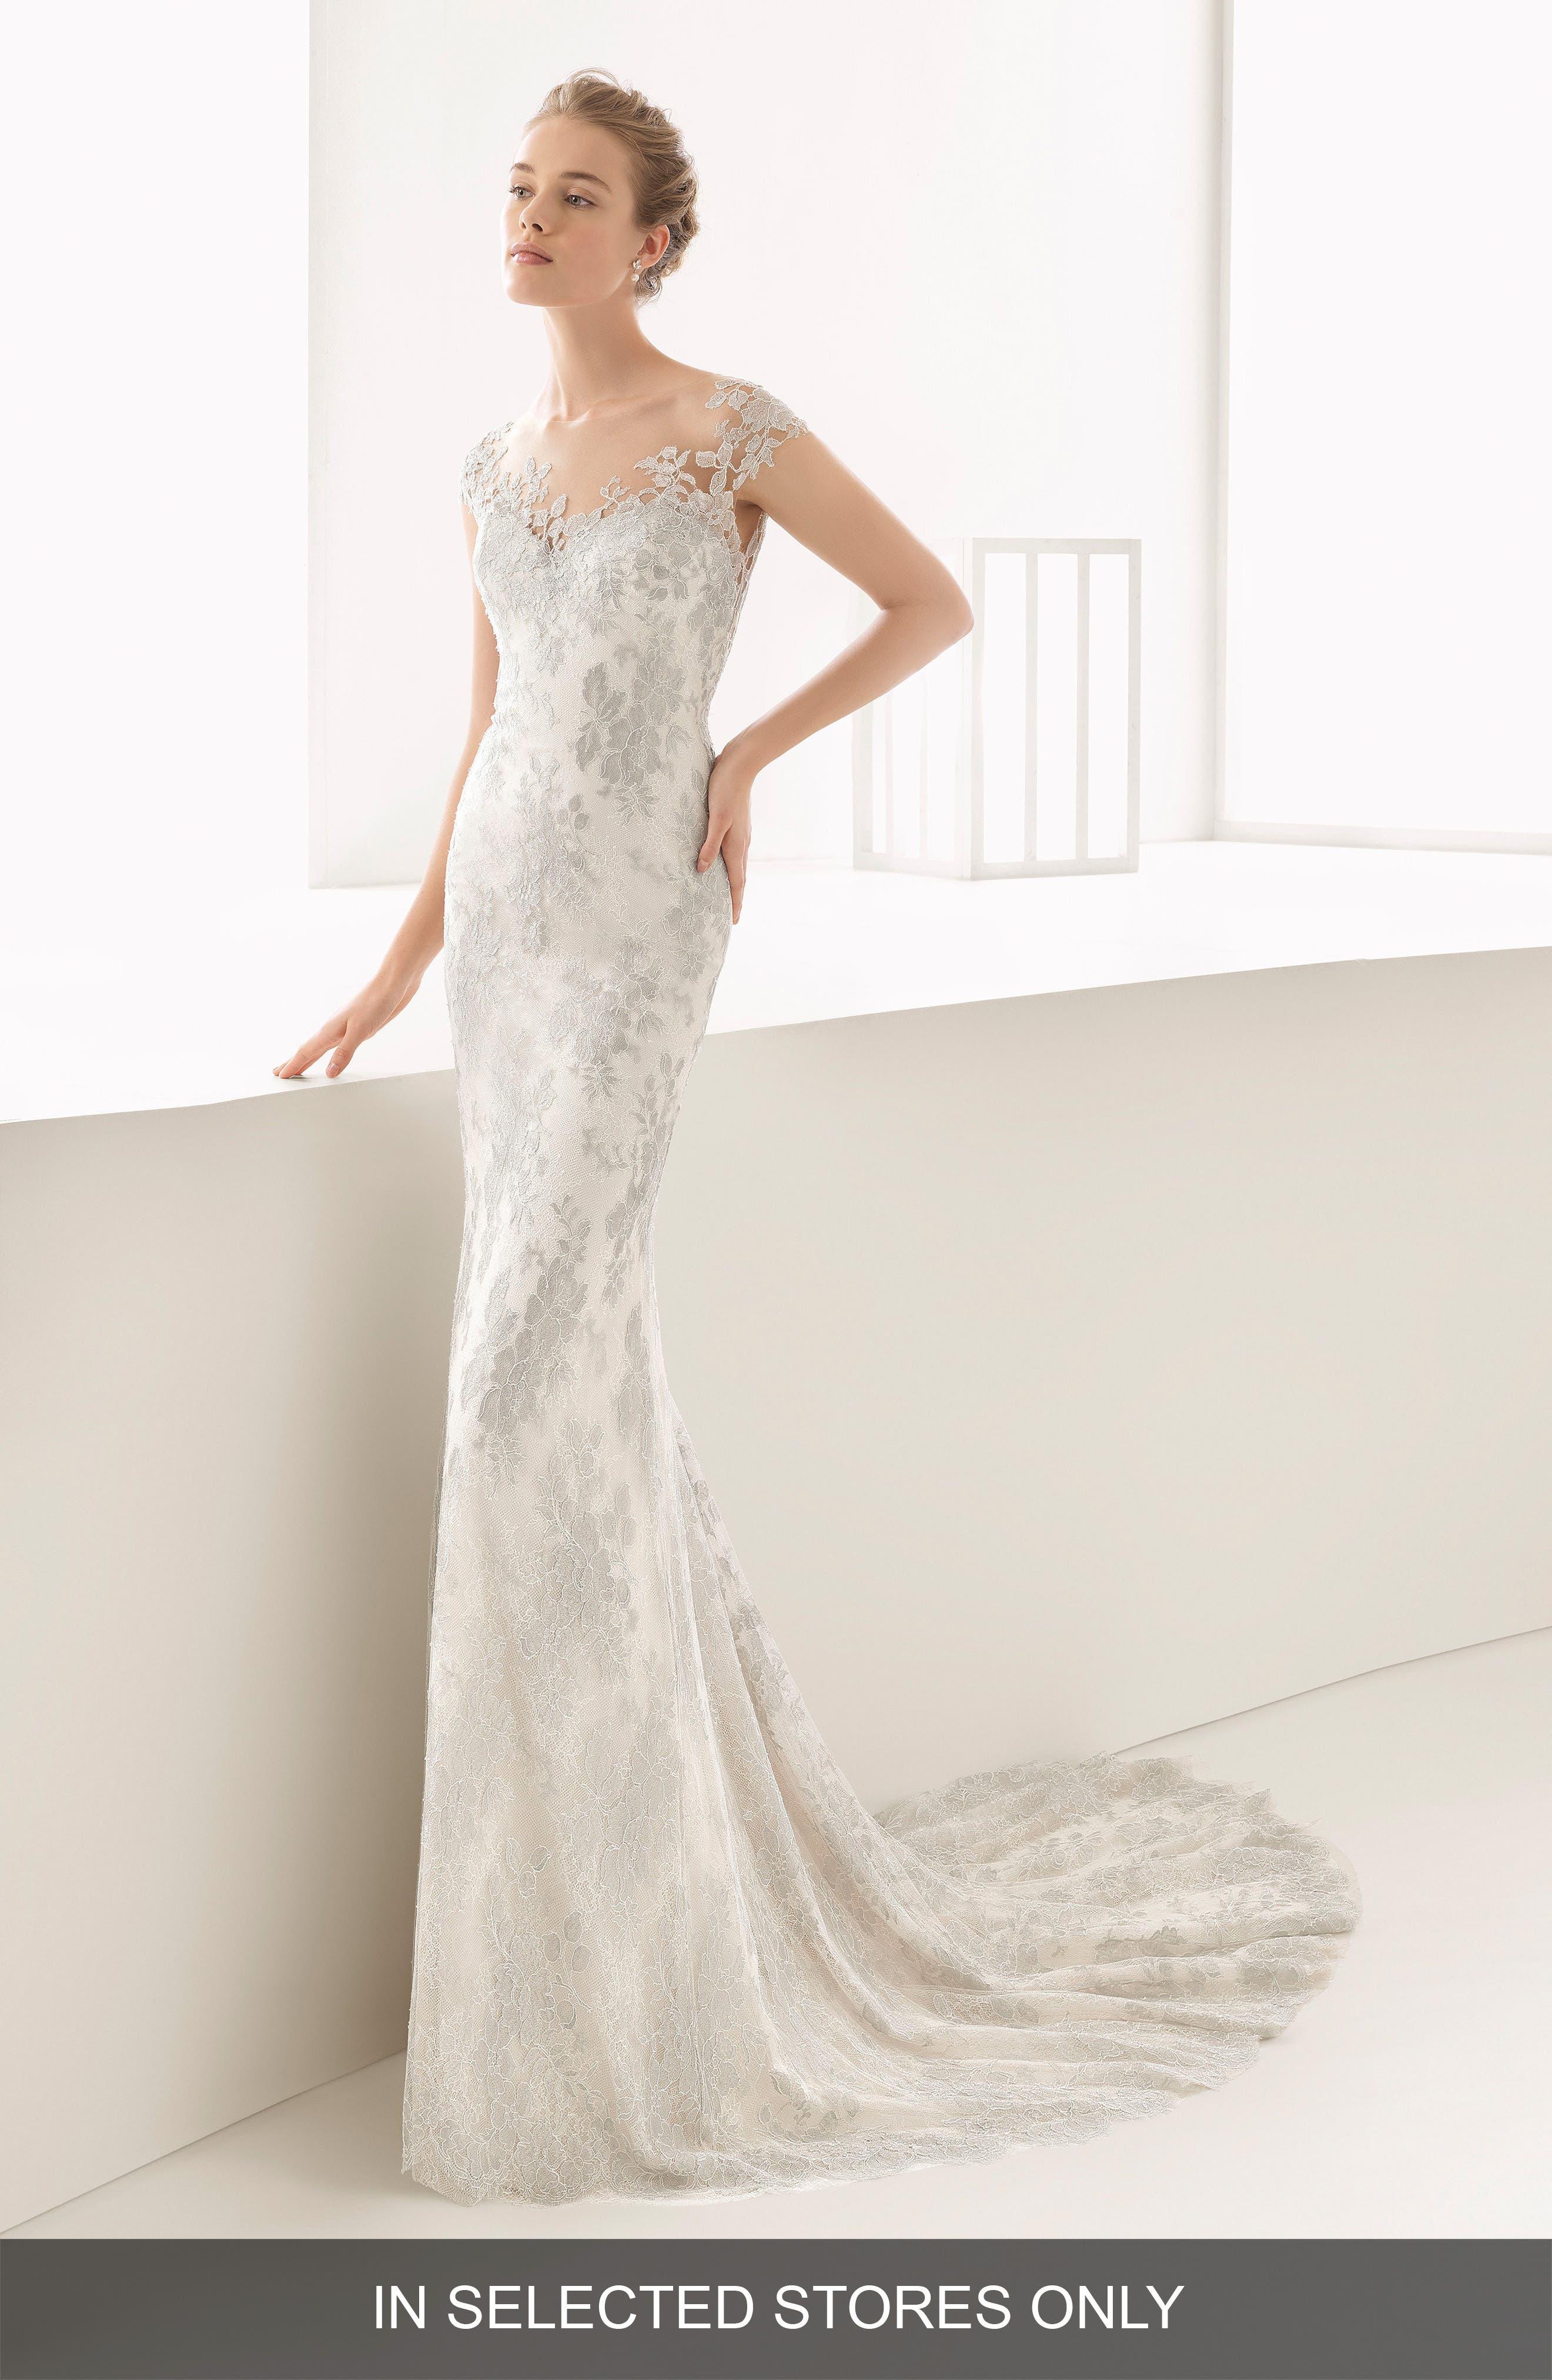 Naia Silver Chantilly Lace Mermaid Gown,                             Main thumbnail 1, color,                             250